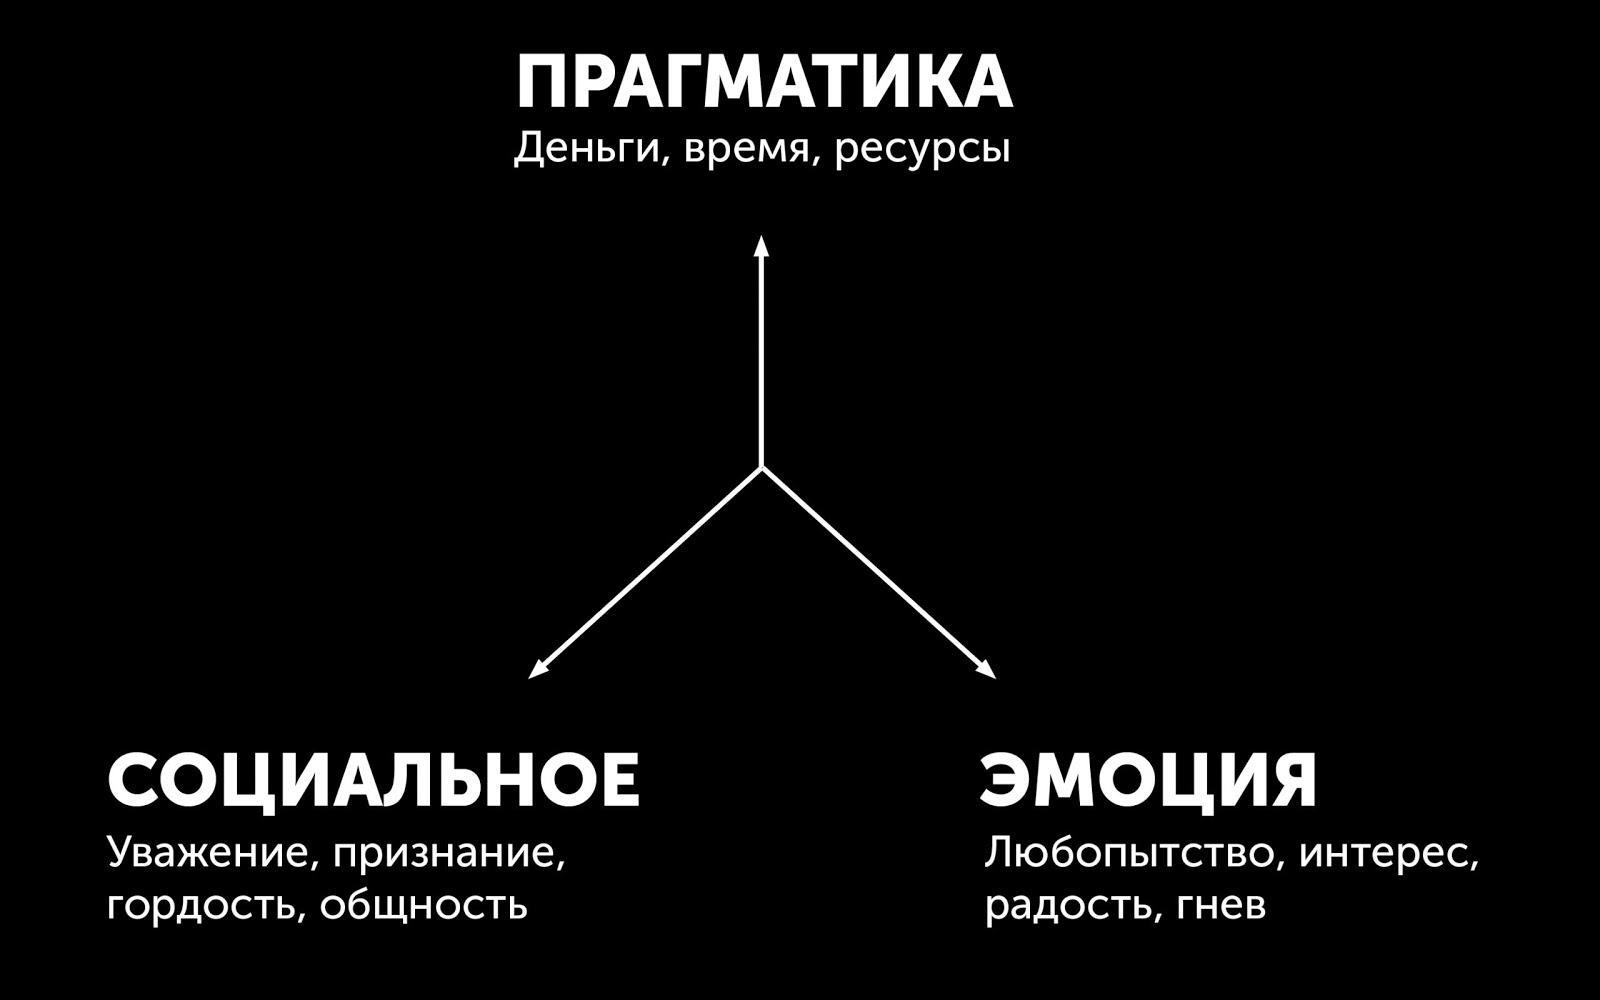 прагматика, социальное, эмоция